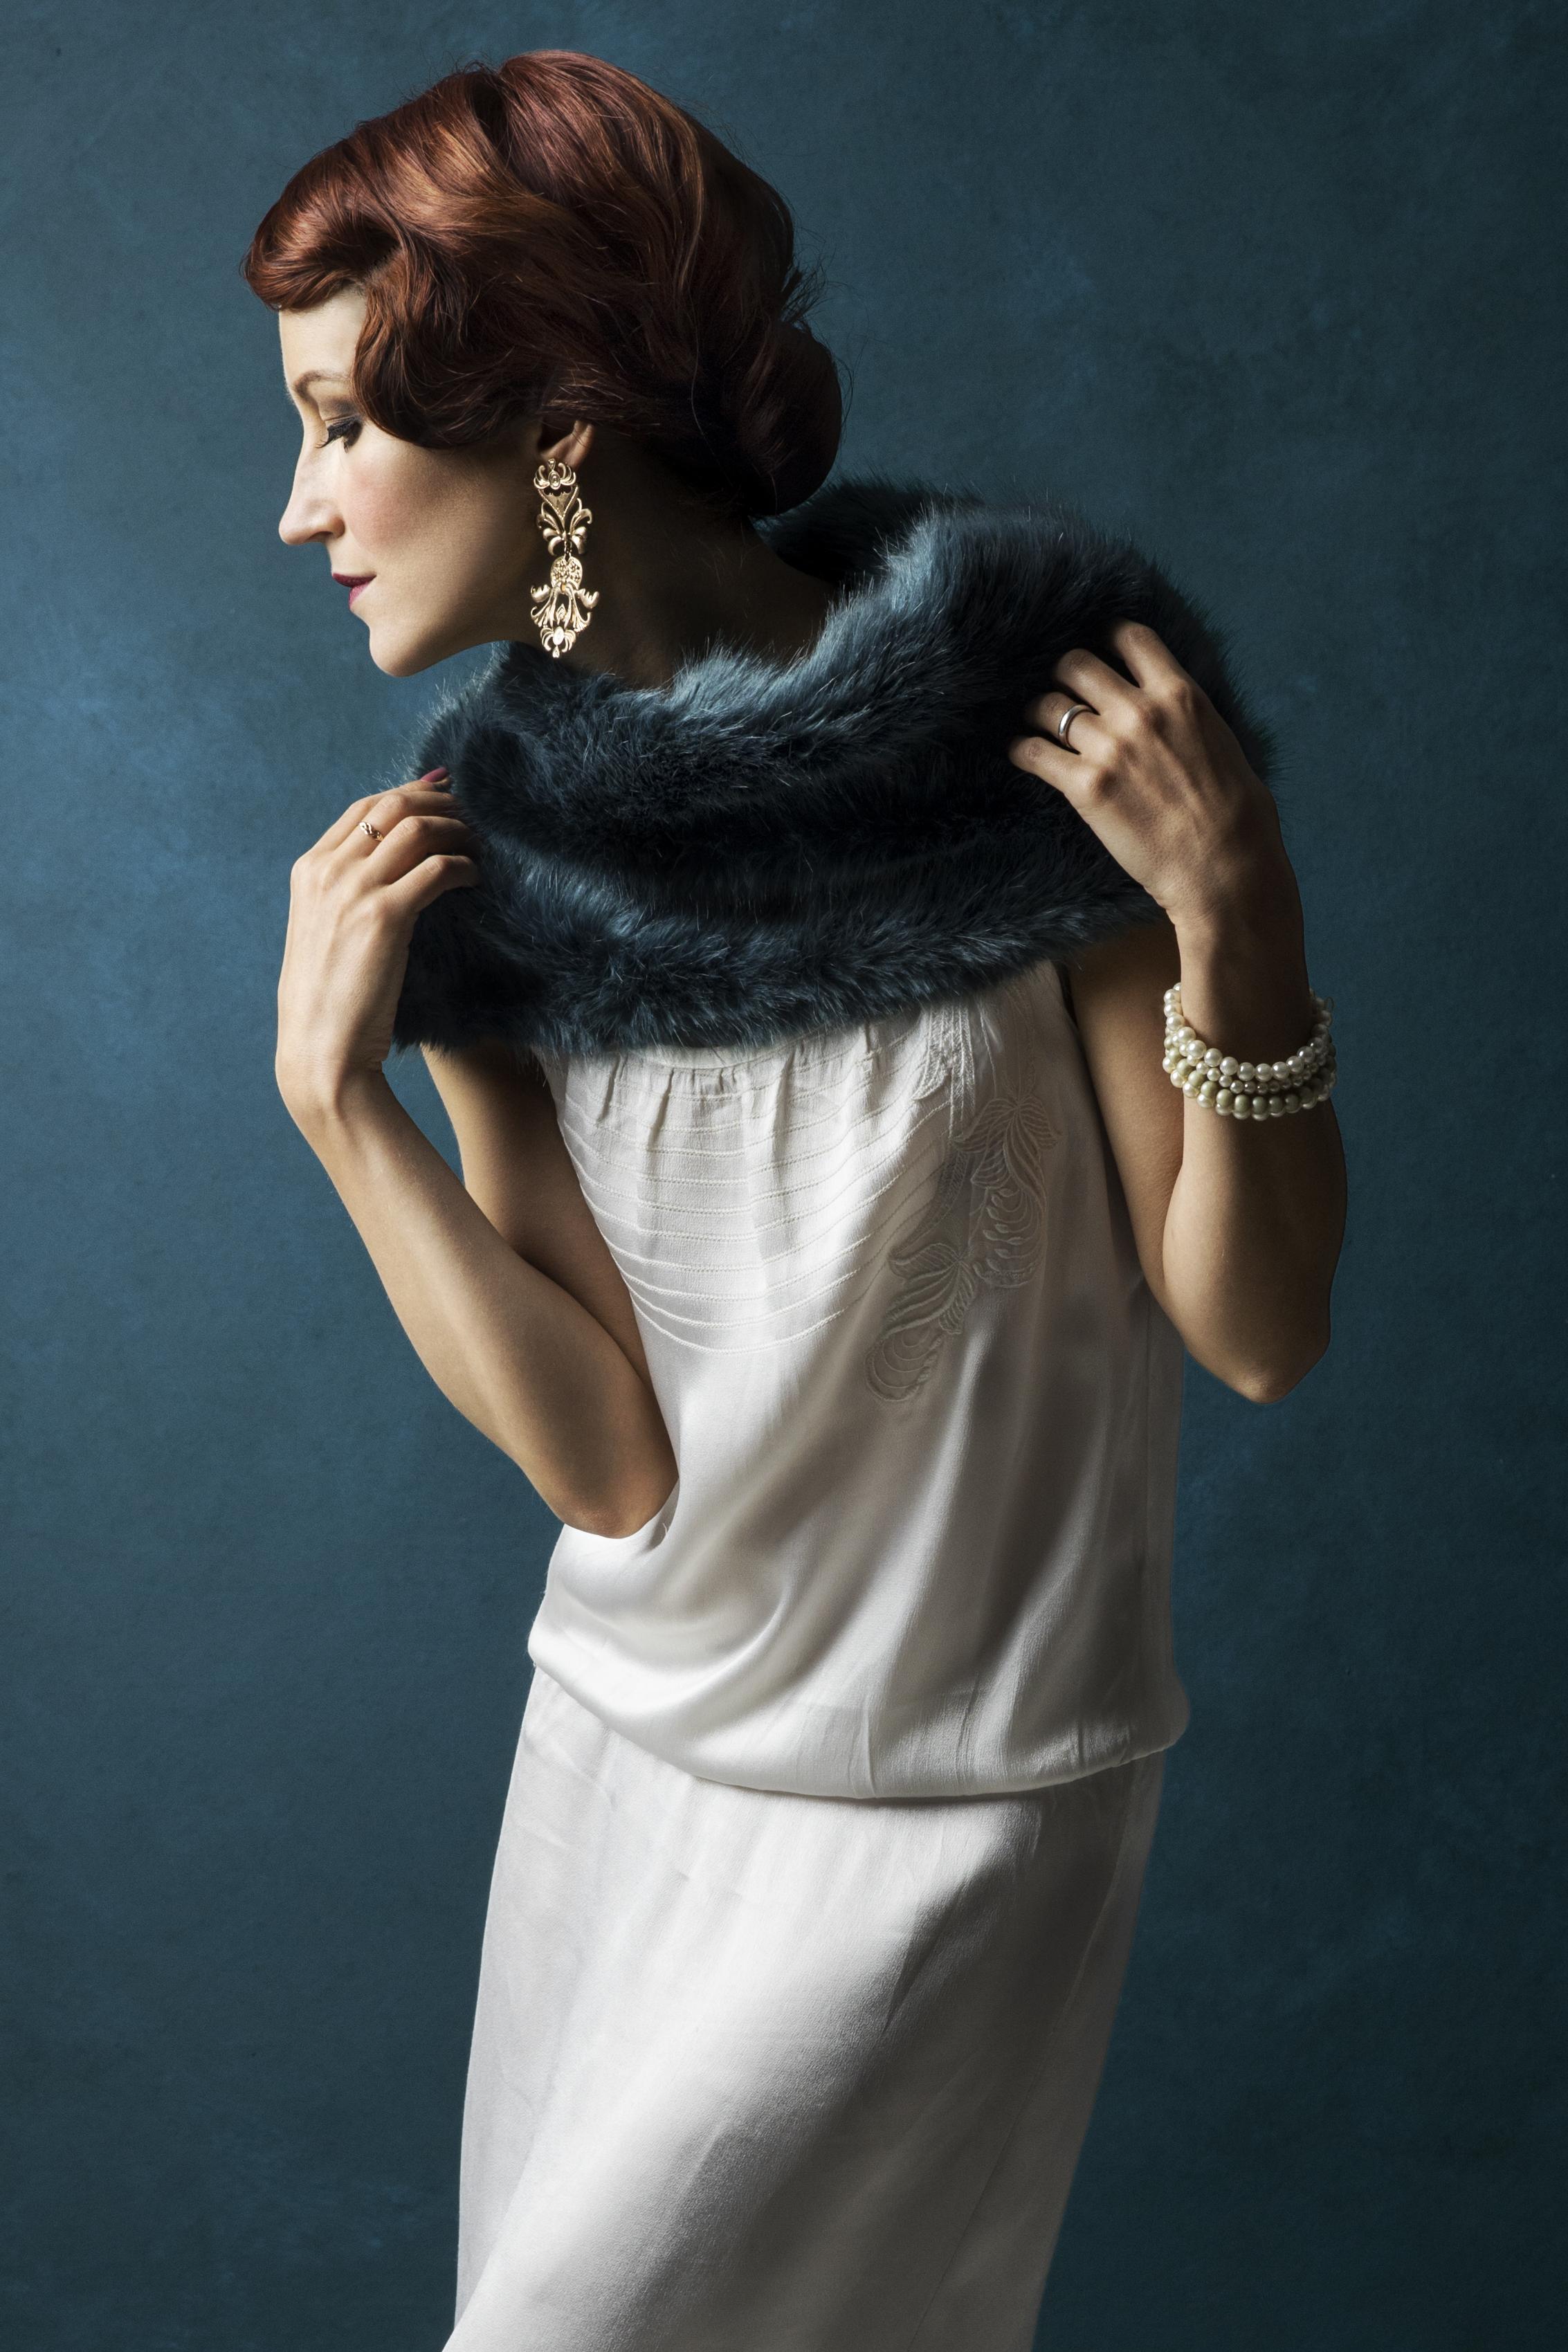 Ksenia Parkhatskaya_Dancer, Actress, Singer